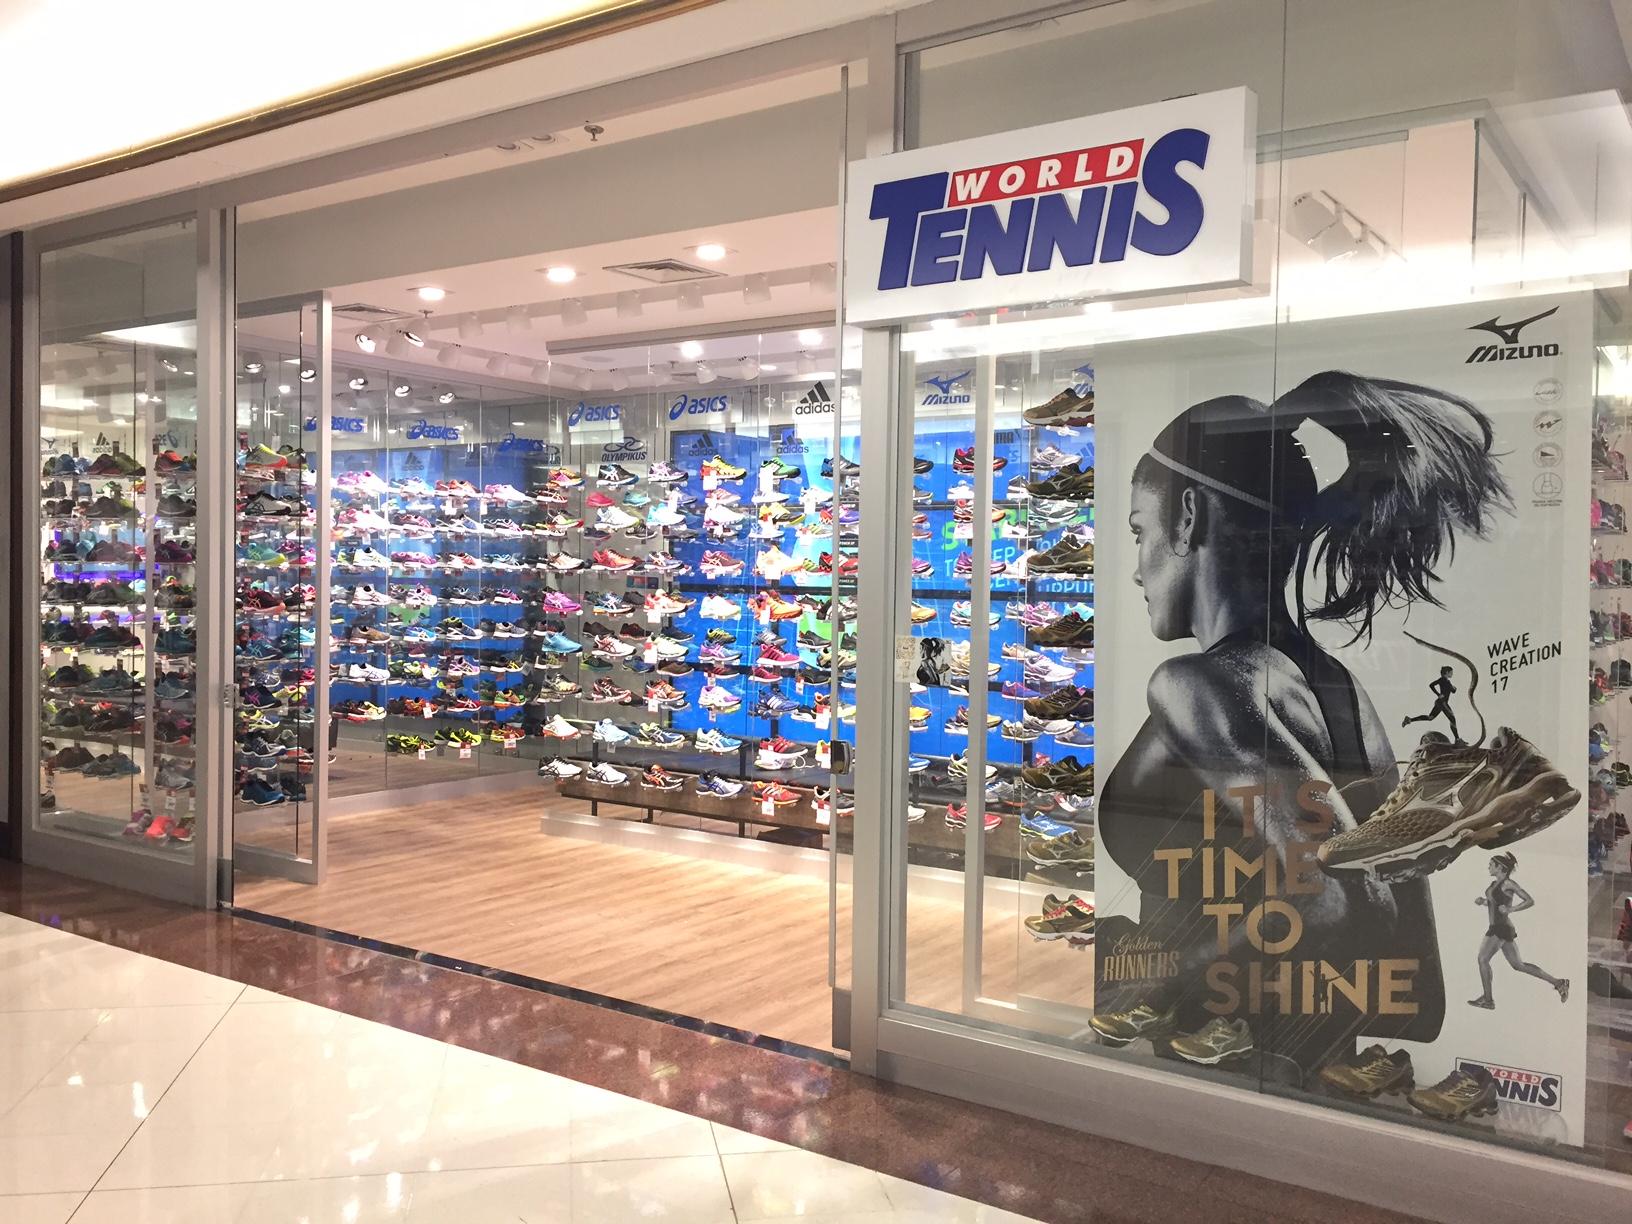 World Tennis - Loja de tênis em promoção e ofertas